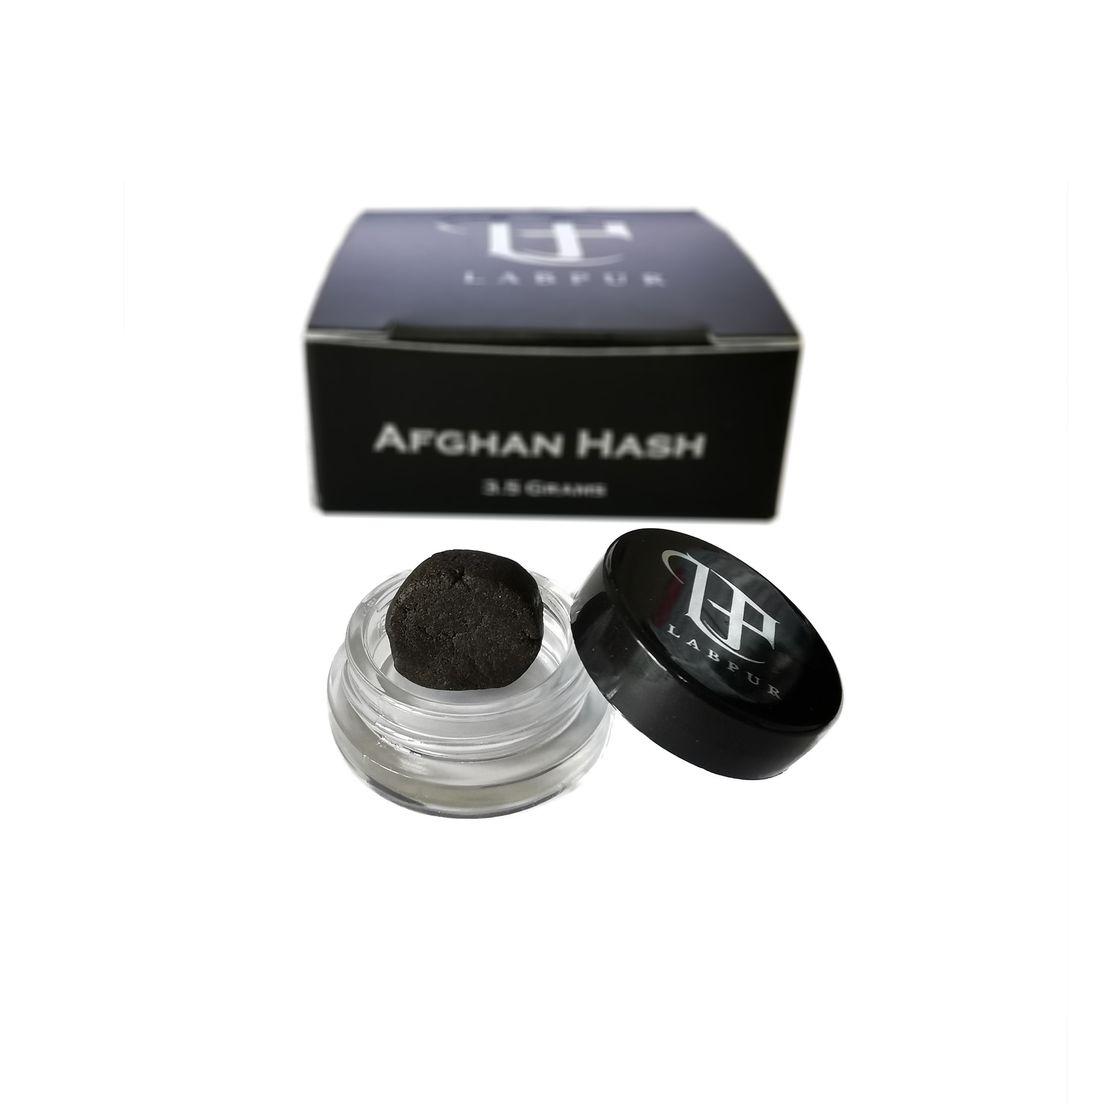 Afghan Hash - 3.5 grams